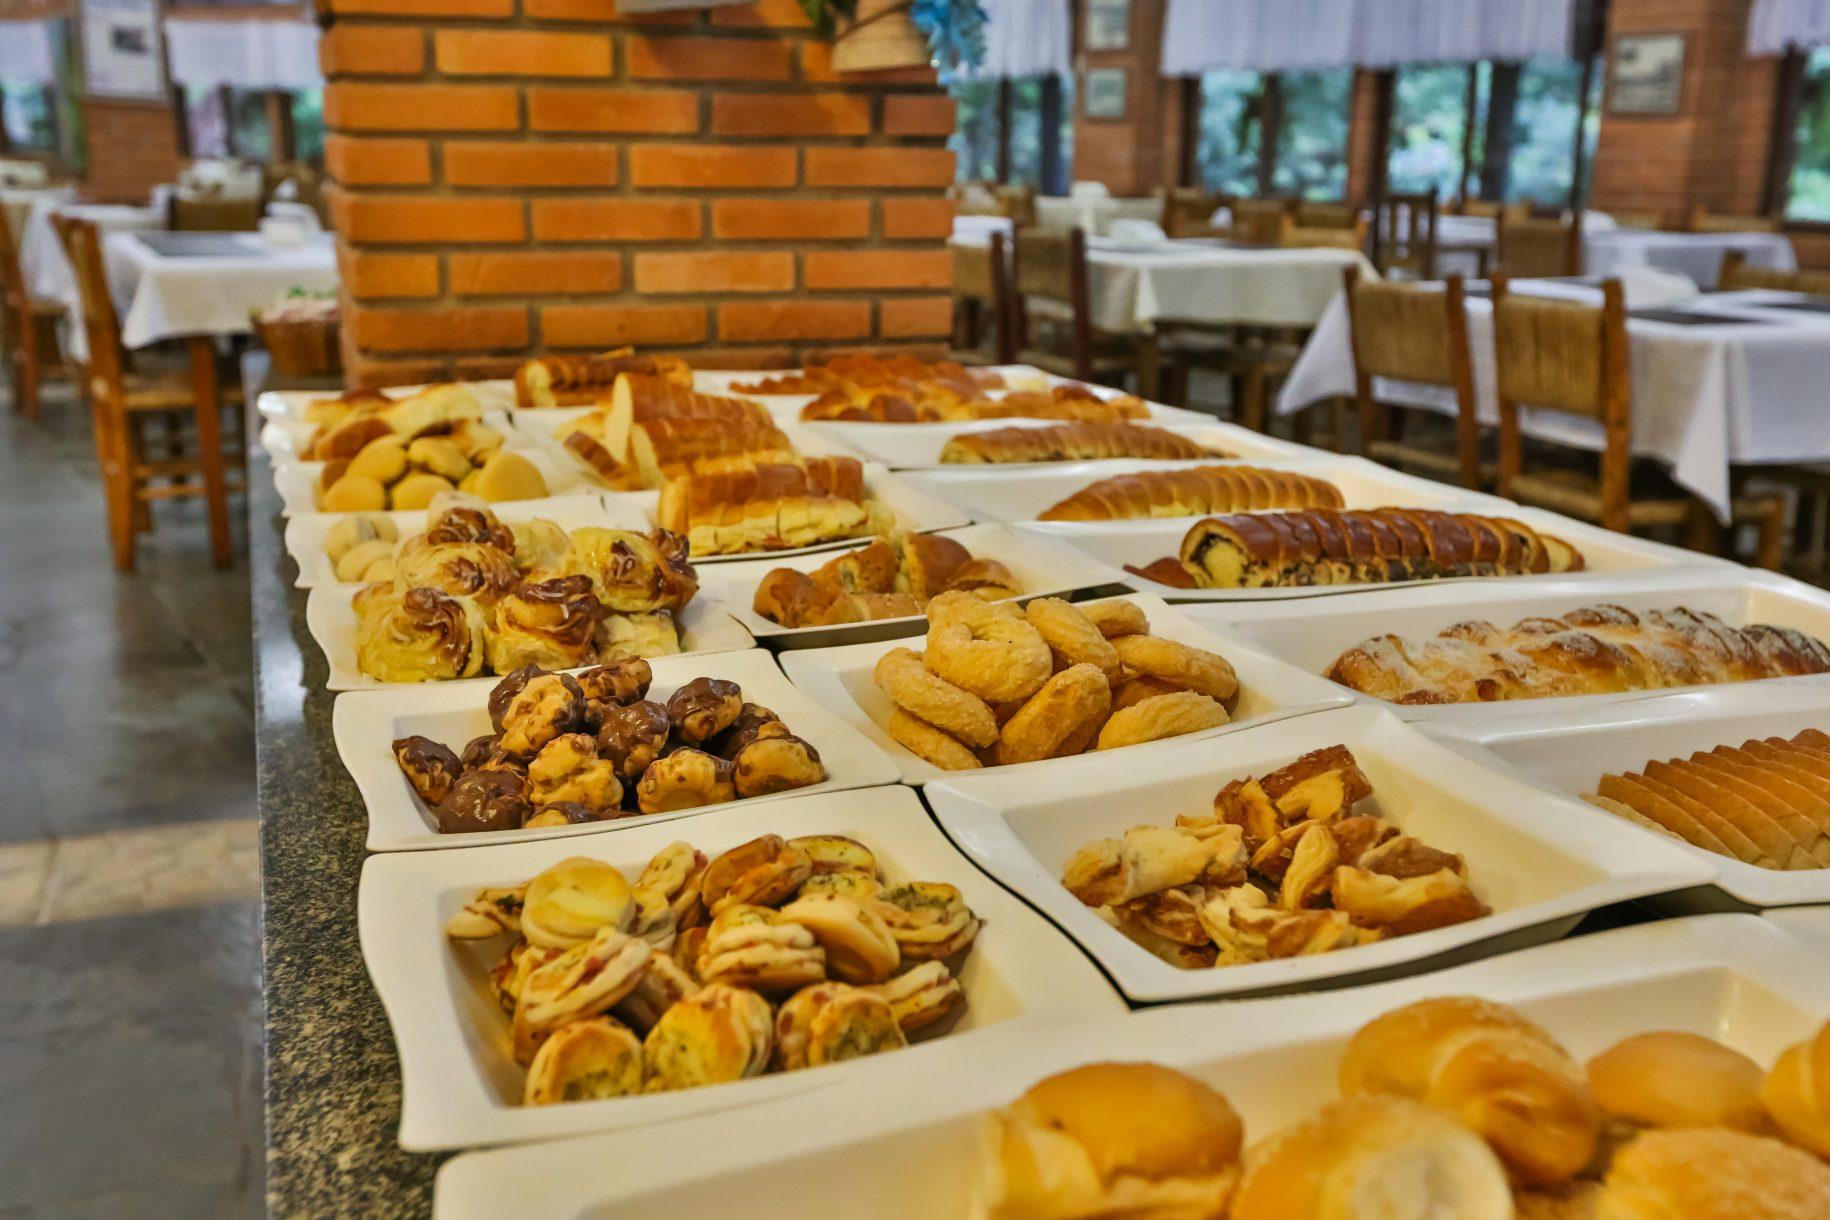 A foto mostra as inúmeras opções de comidas do café da manhã no hotel fazenda parque dos sonhos como carolinas de chocolate, pães caseiros etc.